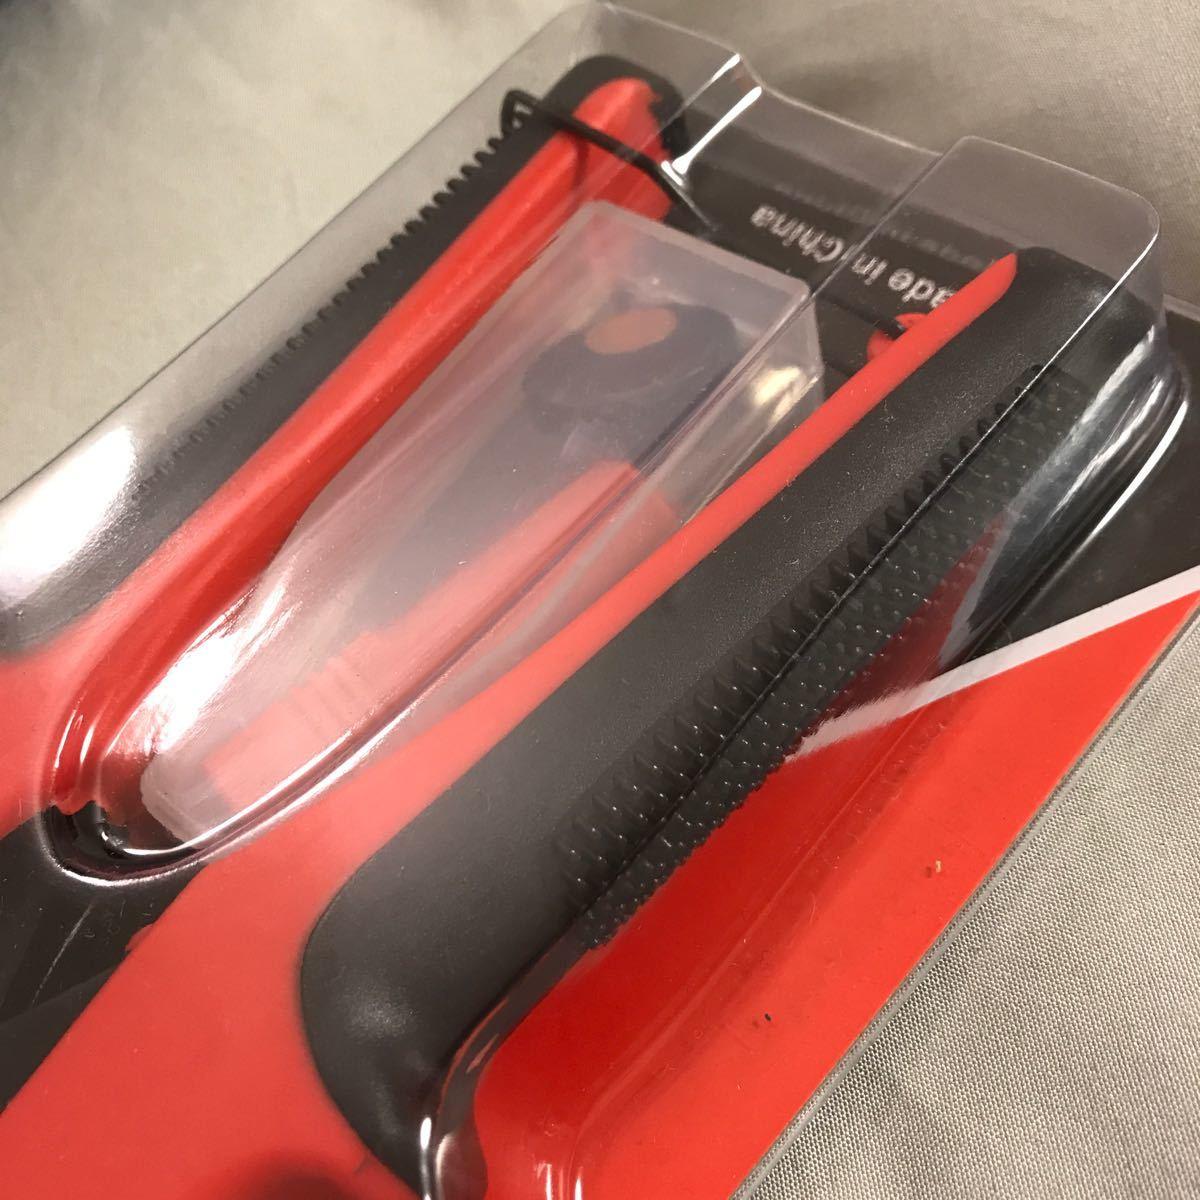 レザークラフト 回転式 穴あけパンチ 6段階式ダイヤル 革製品 ベルト